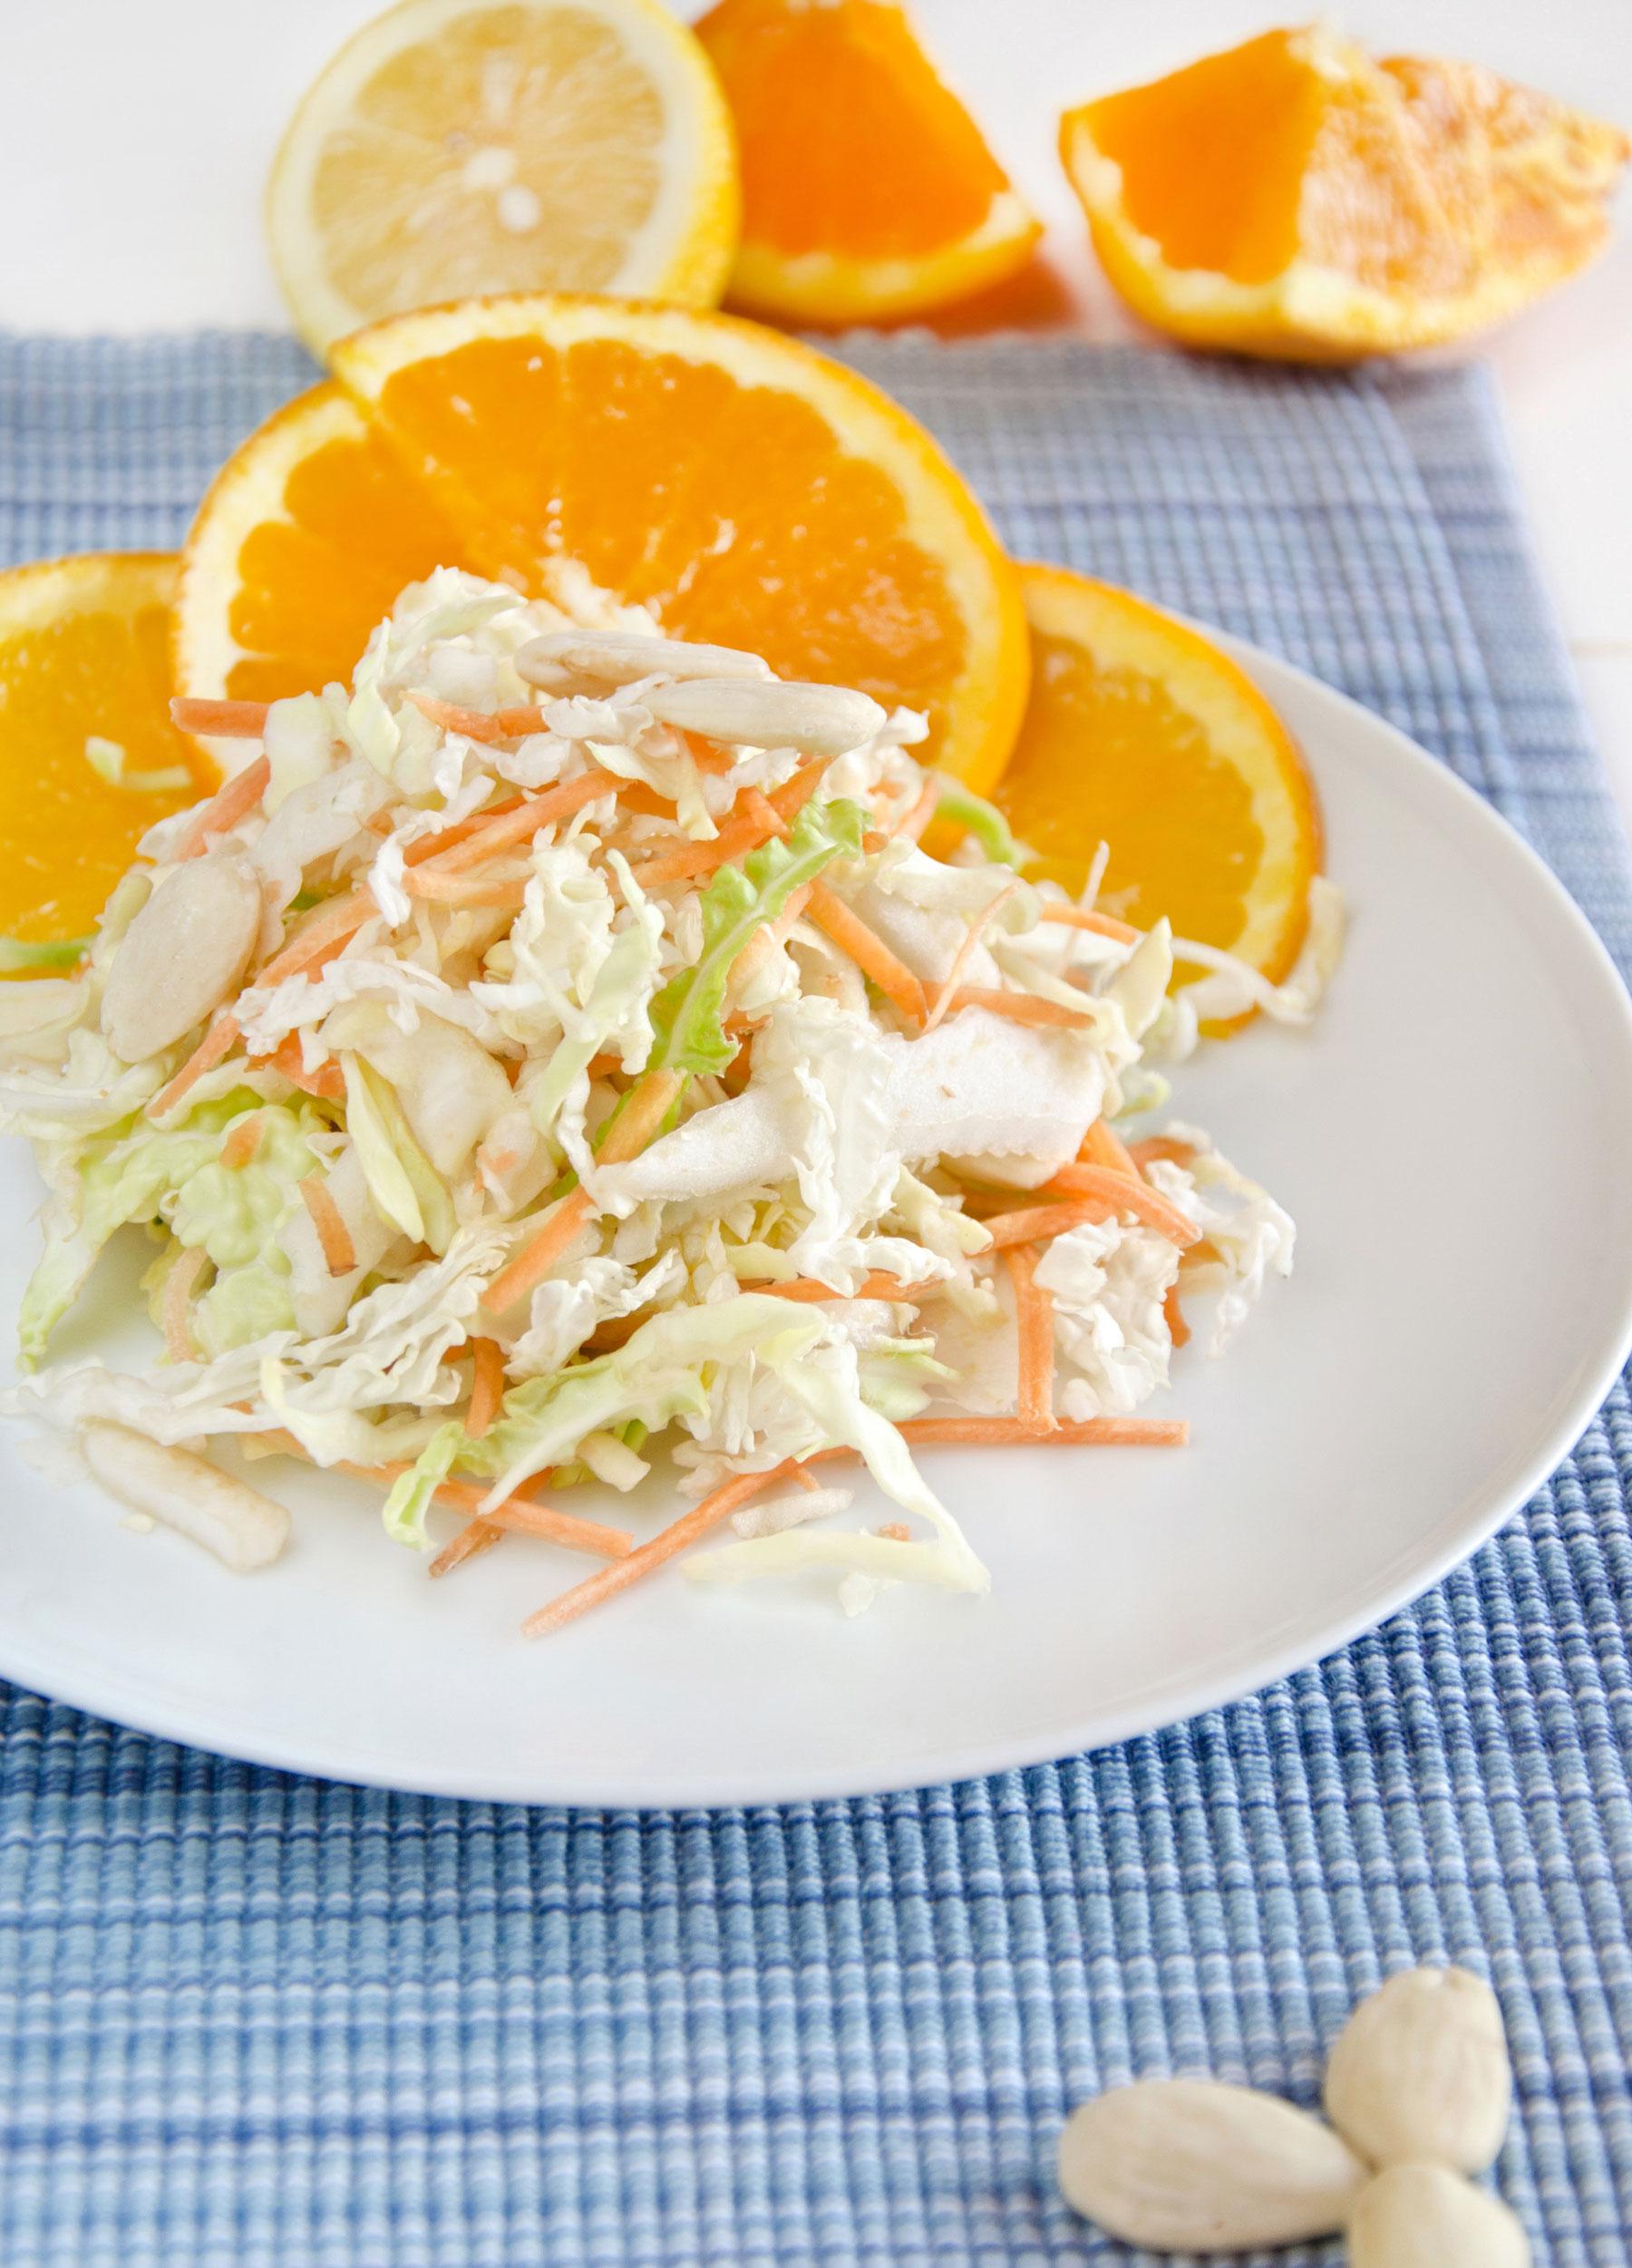 Insalata di cavolo verza e carote sfiziosa